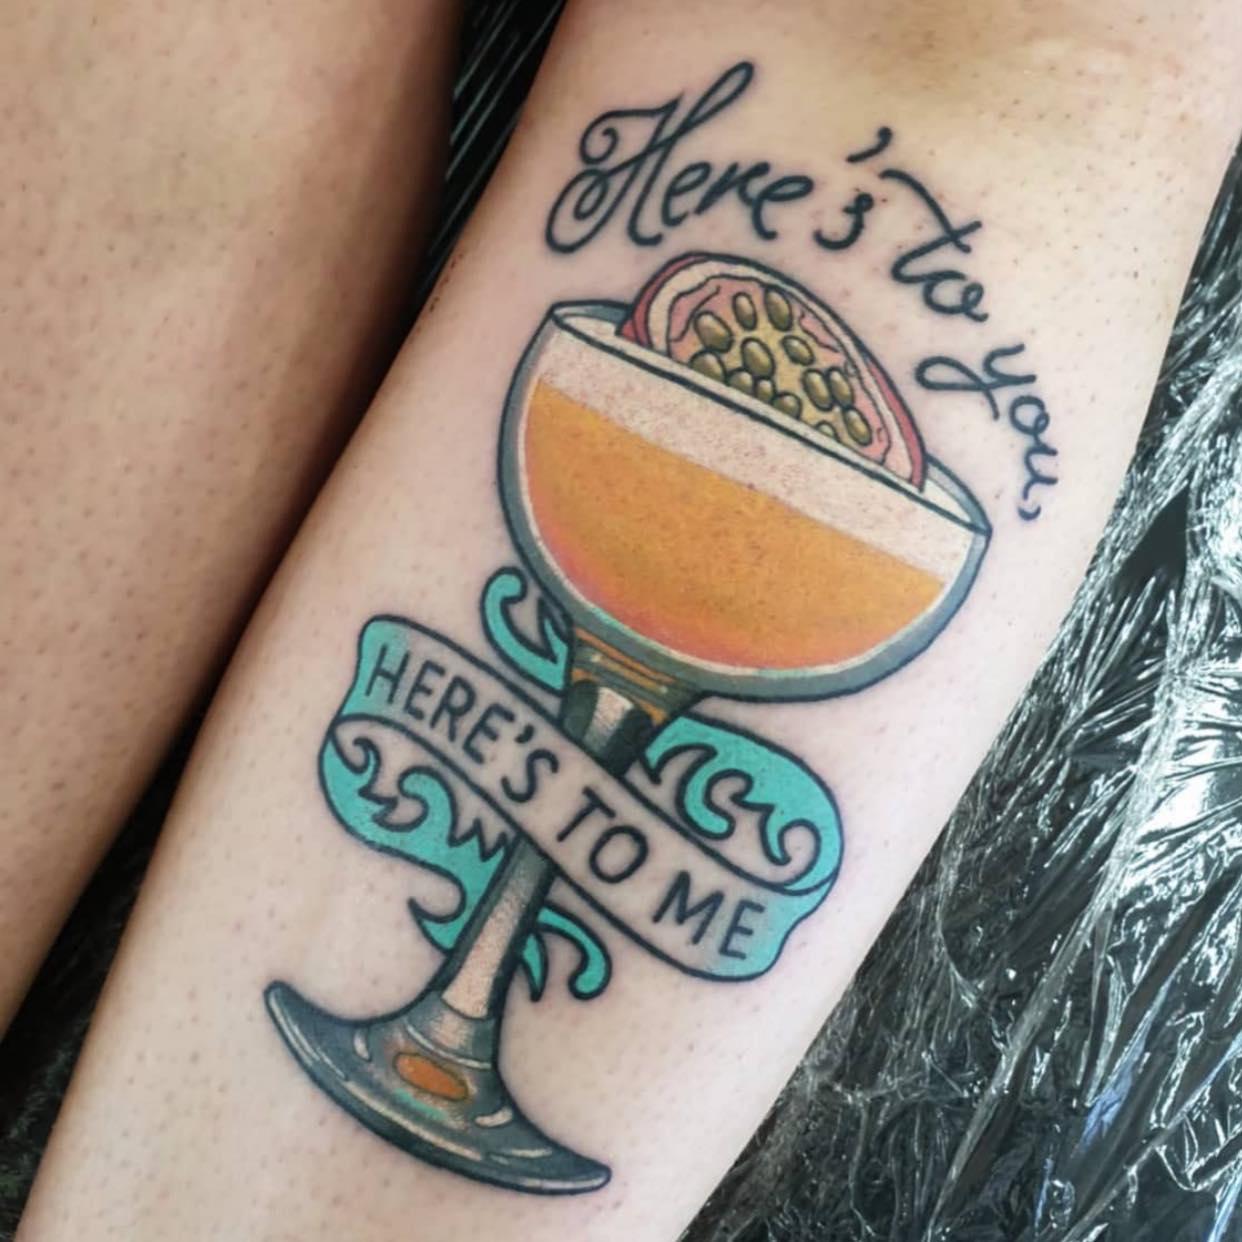 Rude Studios Tattoos & Piercings